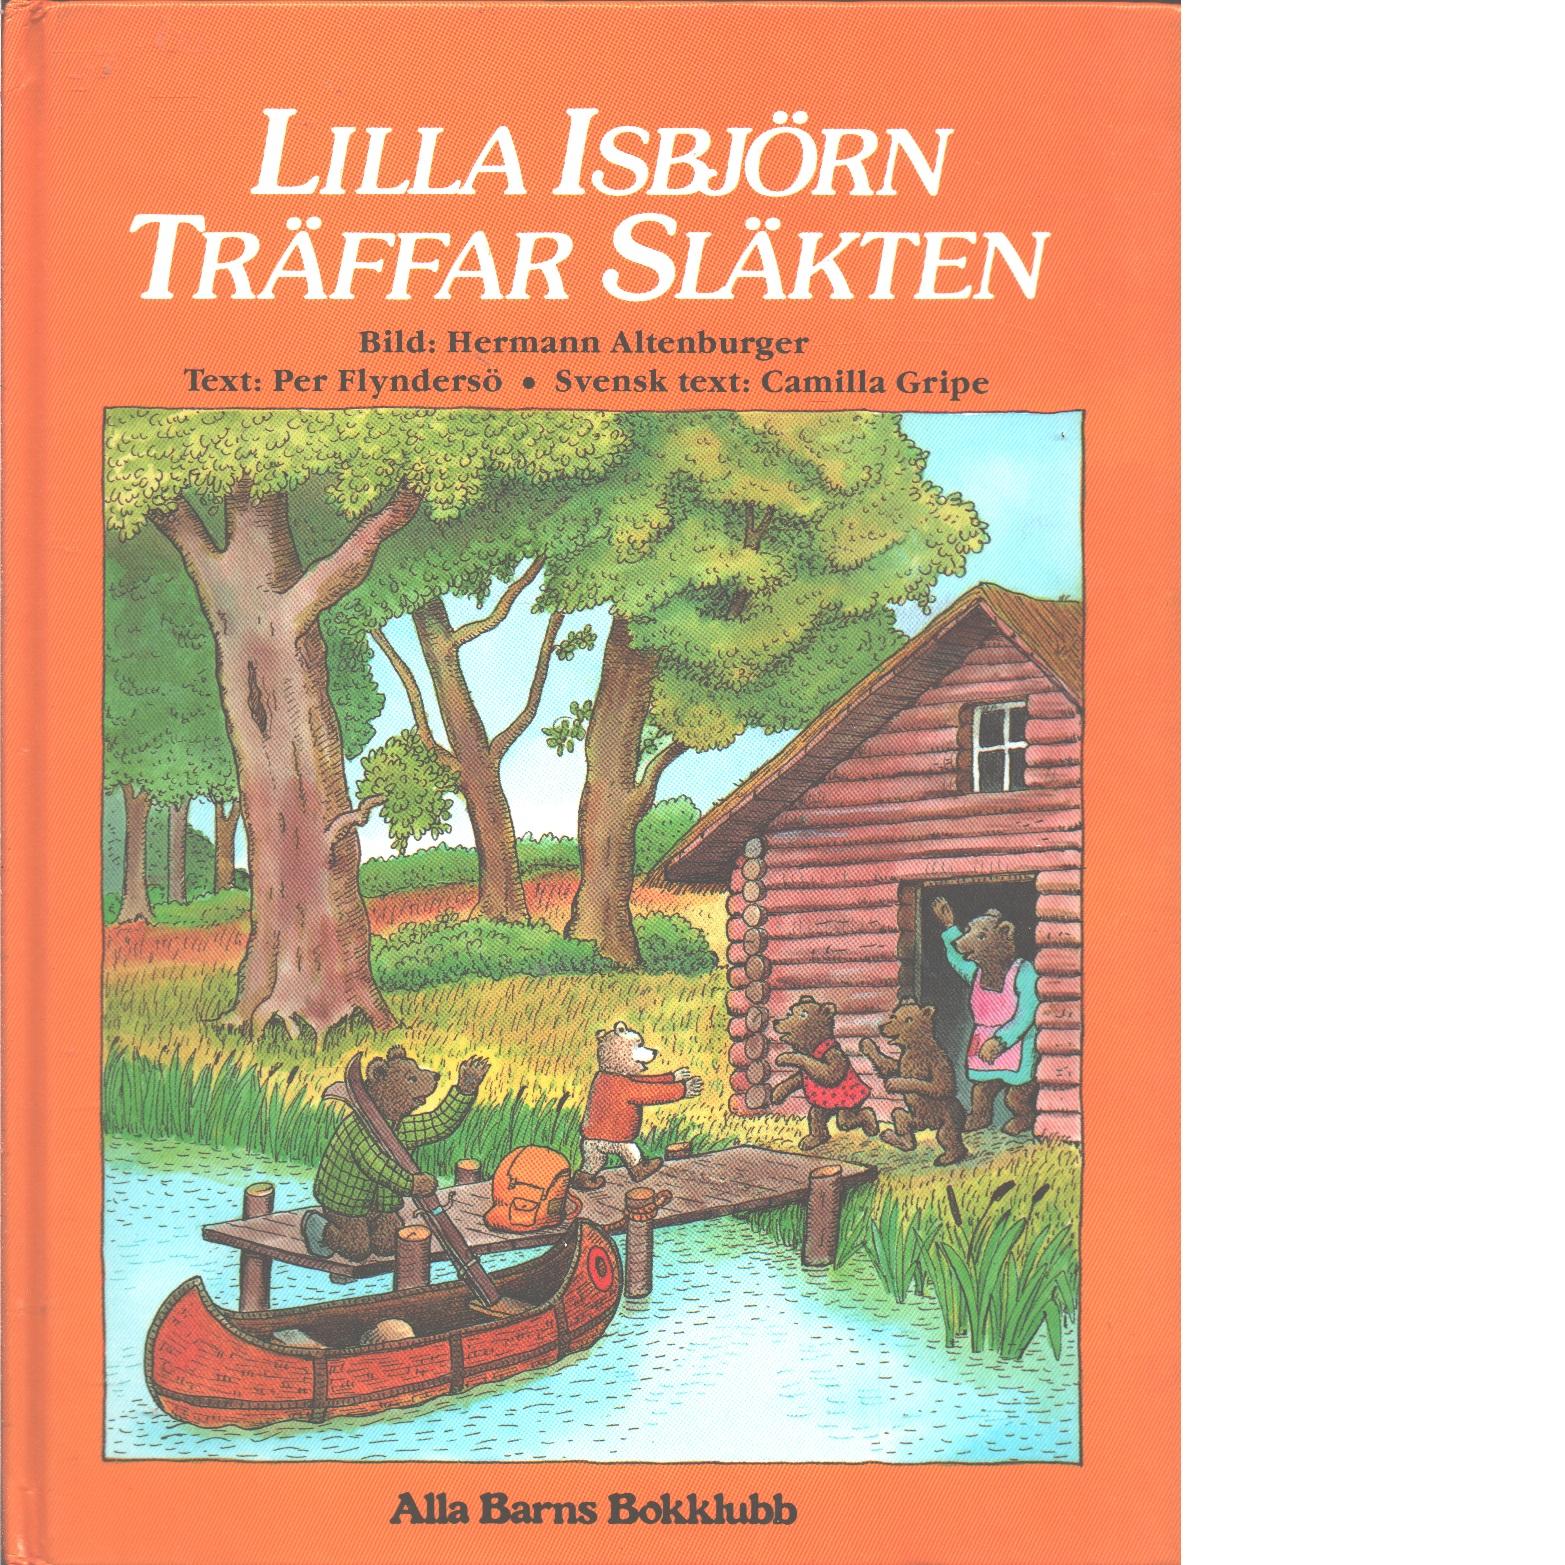 Lilla Isbjörn träffar släkten - Altenburger, Hermann och Flyndersö, Per